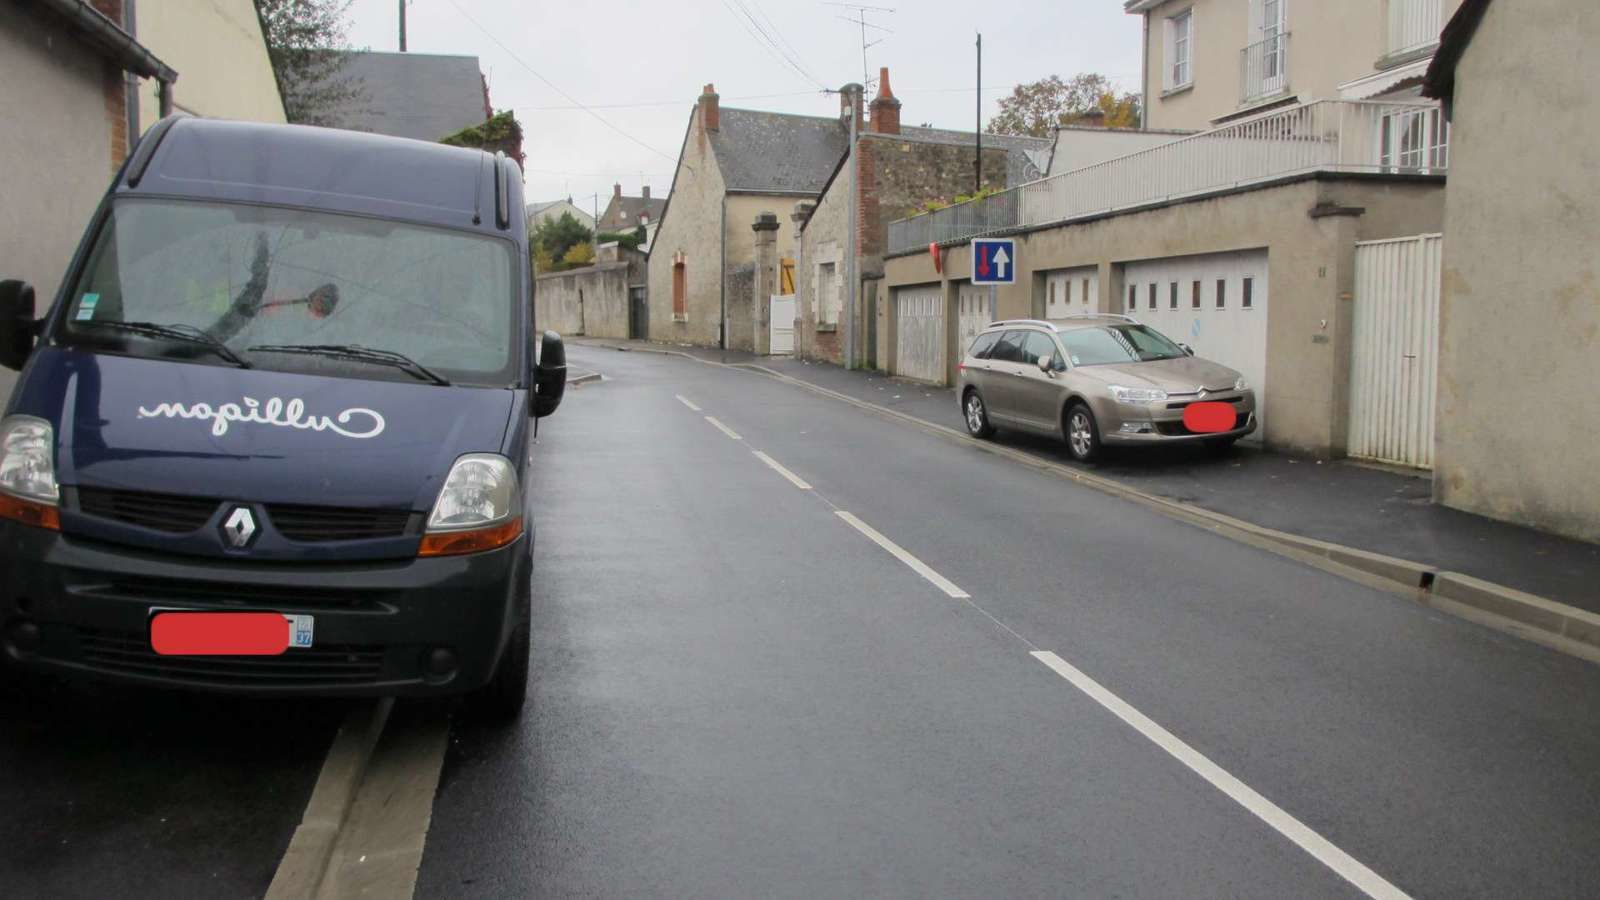 Des véhicules sont encore garés sur les trottoirs  des deux côtés de la voierie !